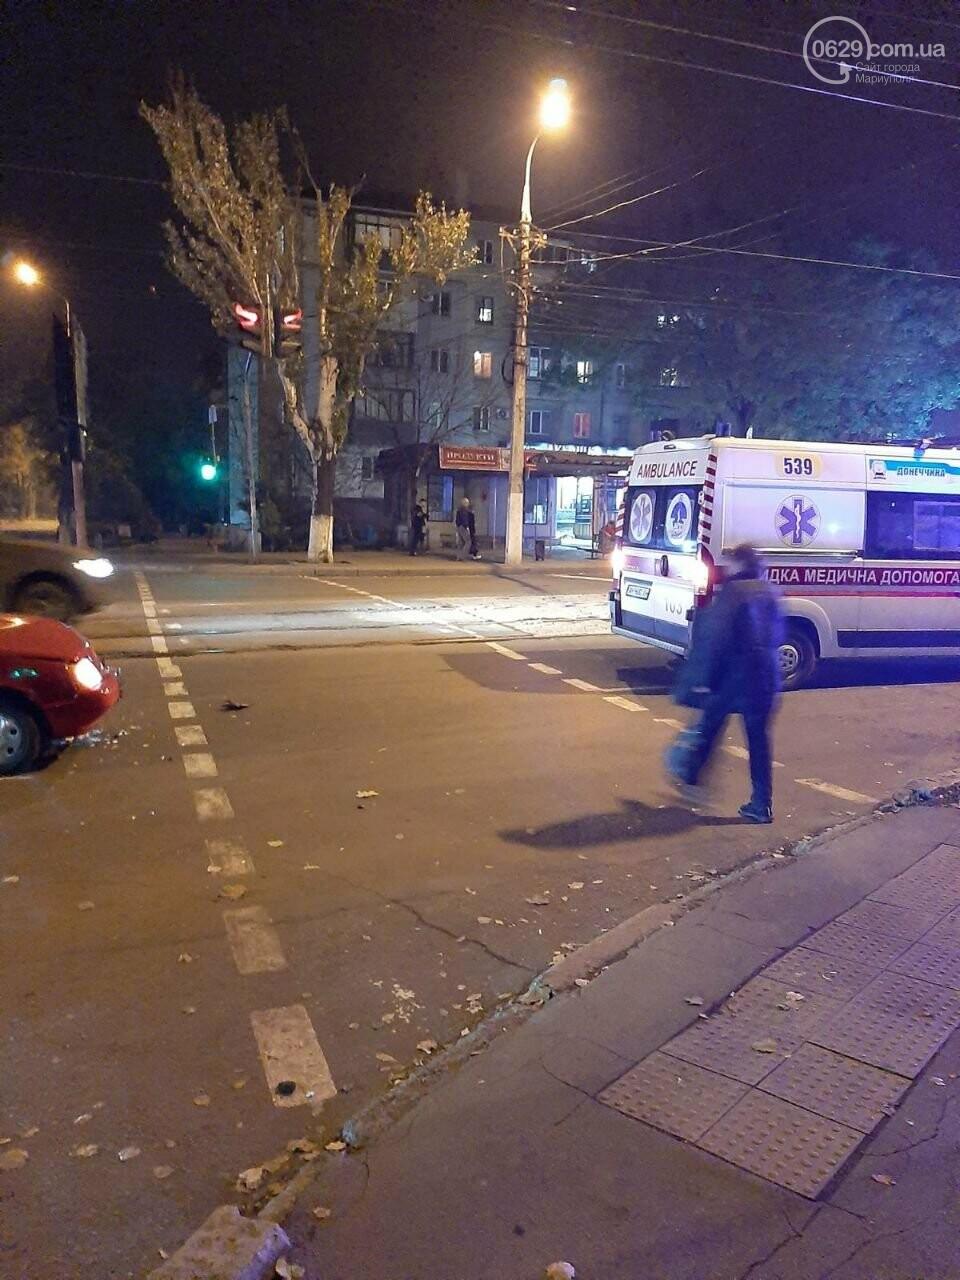 В ДТП на ул. Покрышкина пострадала девушка, - ФОТО, фото-3